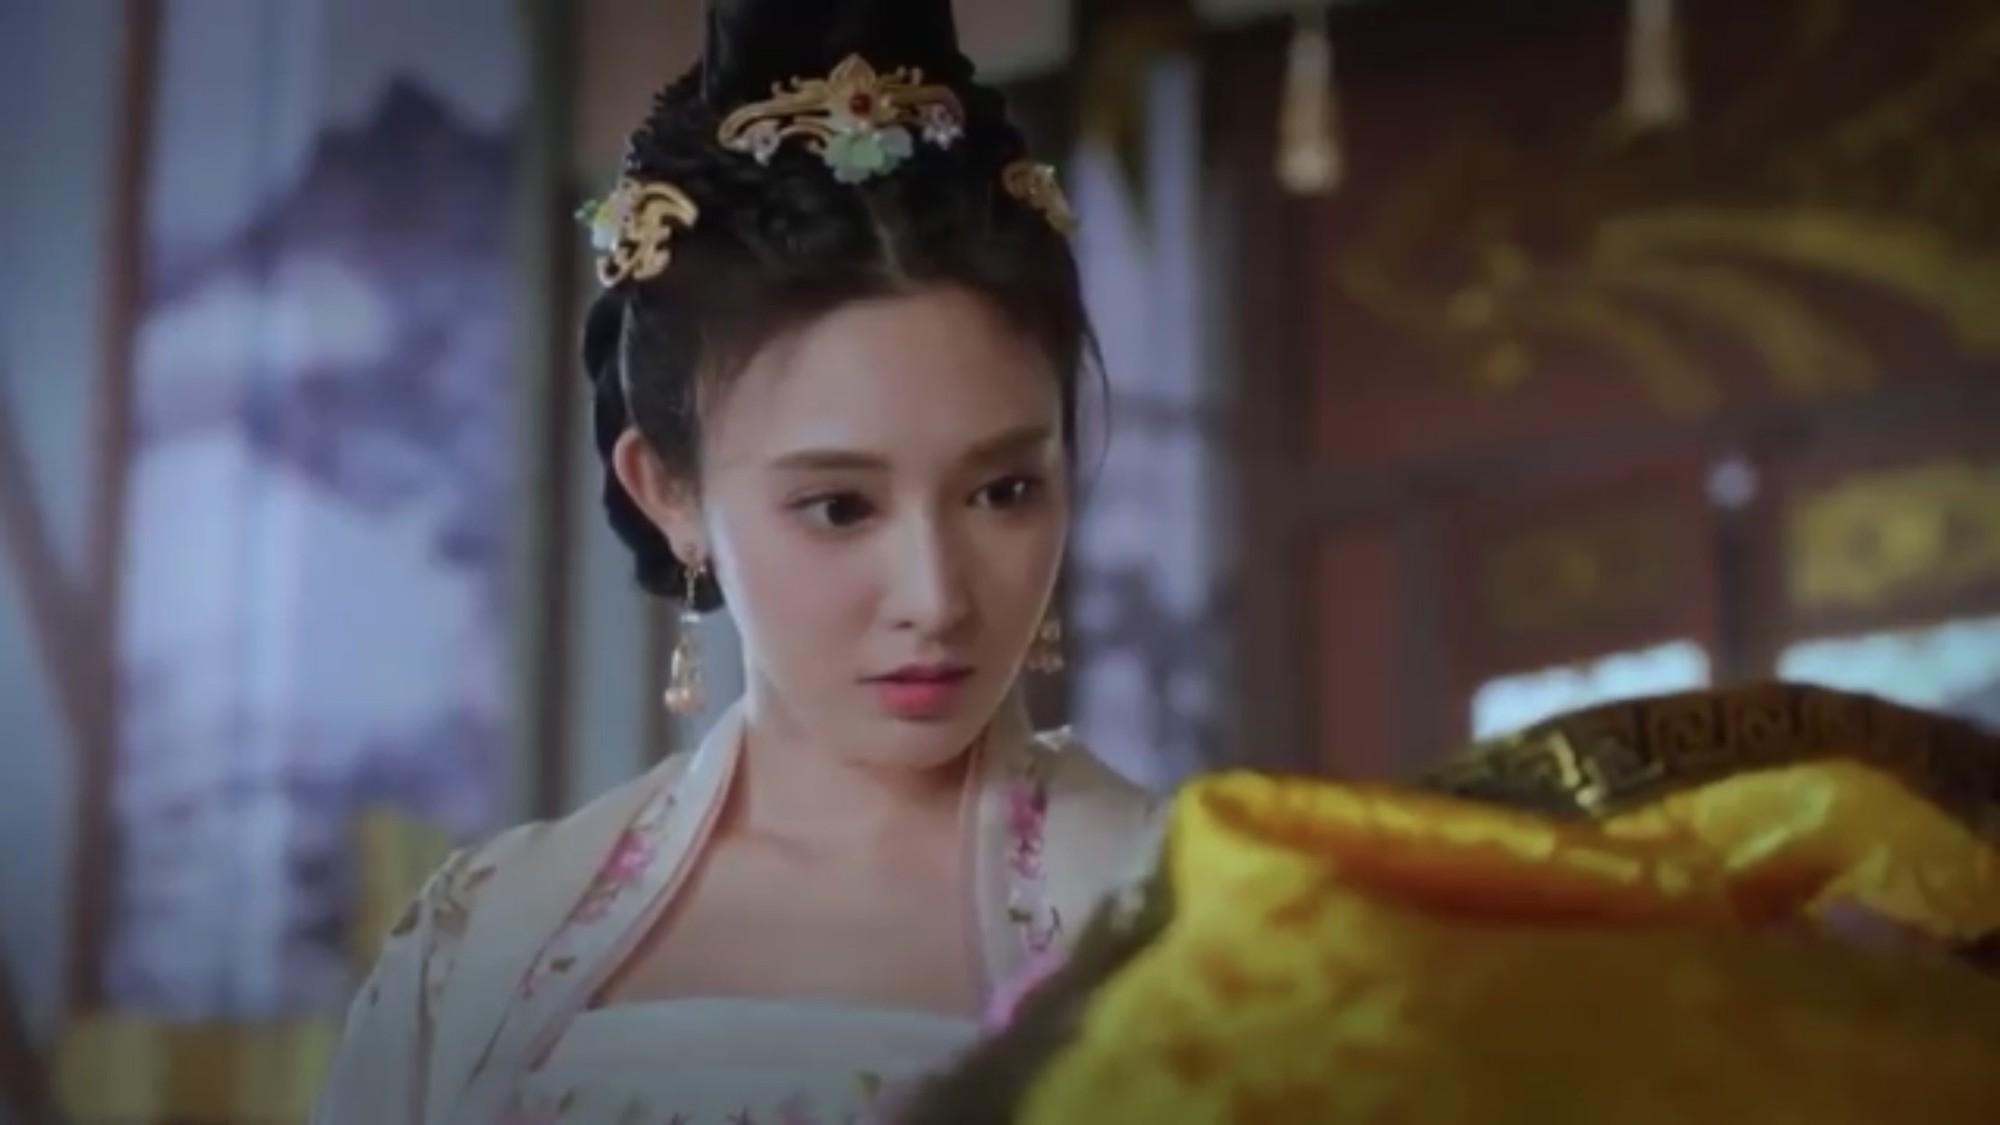 Tiểu Phong vừa ngạc nhiên vừa cảm động khi nhận món quà đầy dụng tâm của Lý Thừa Ngân.